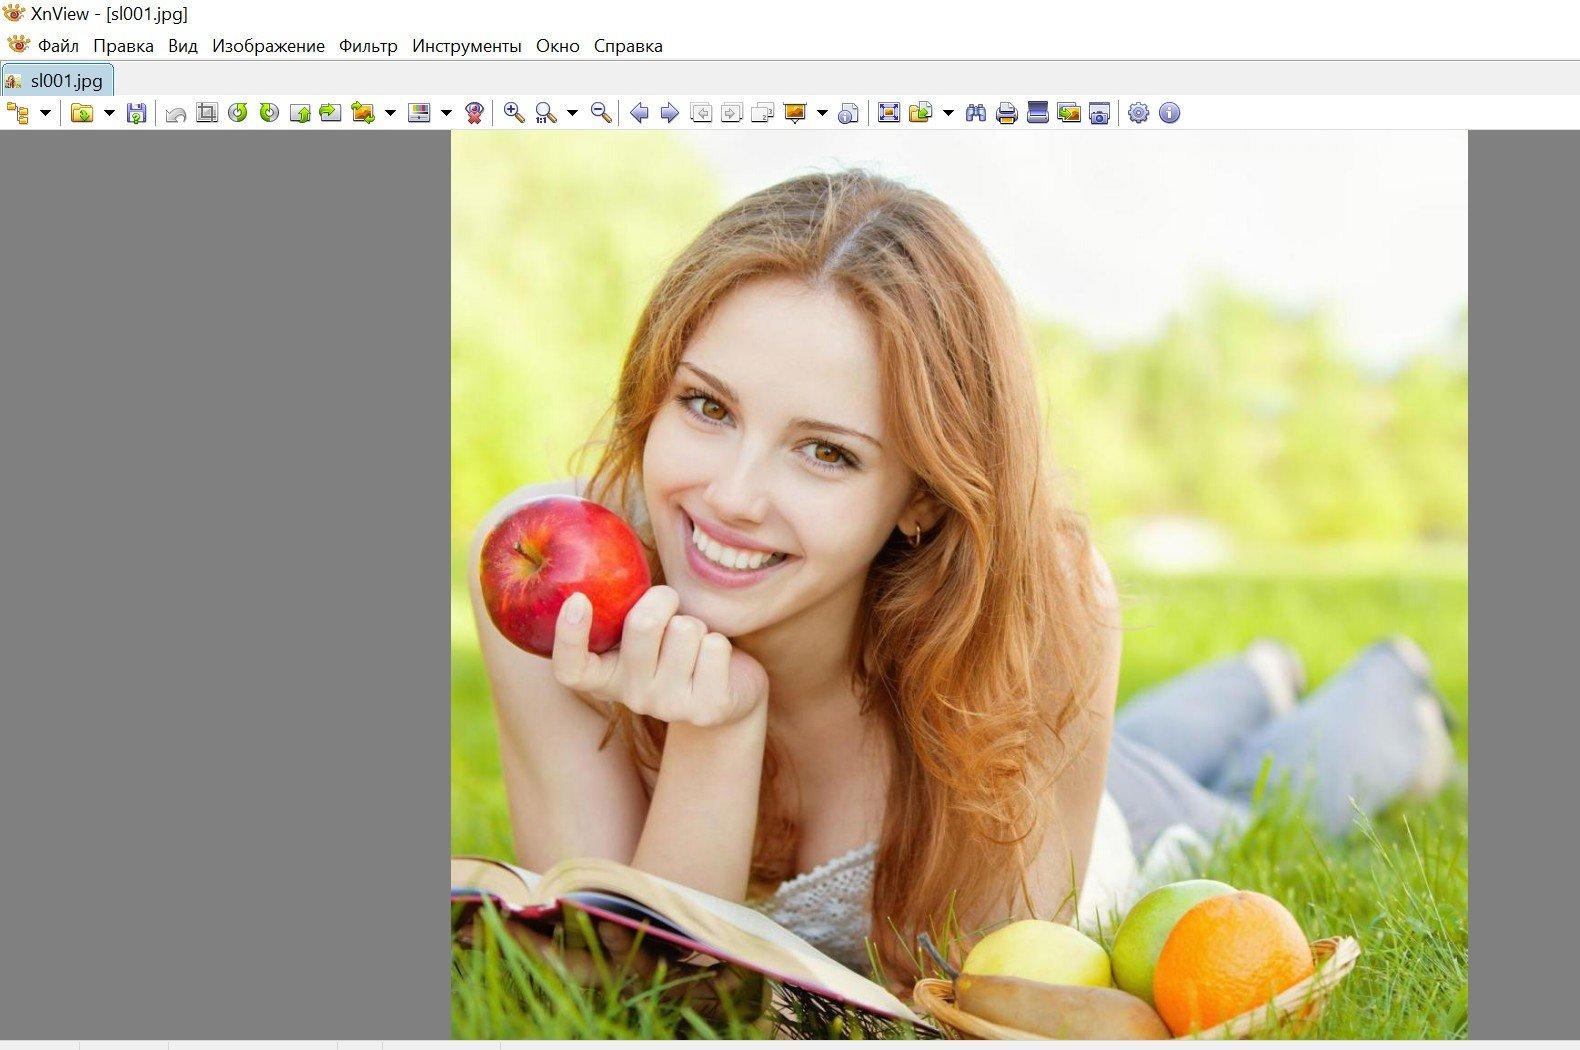 Открытие изображений